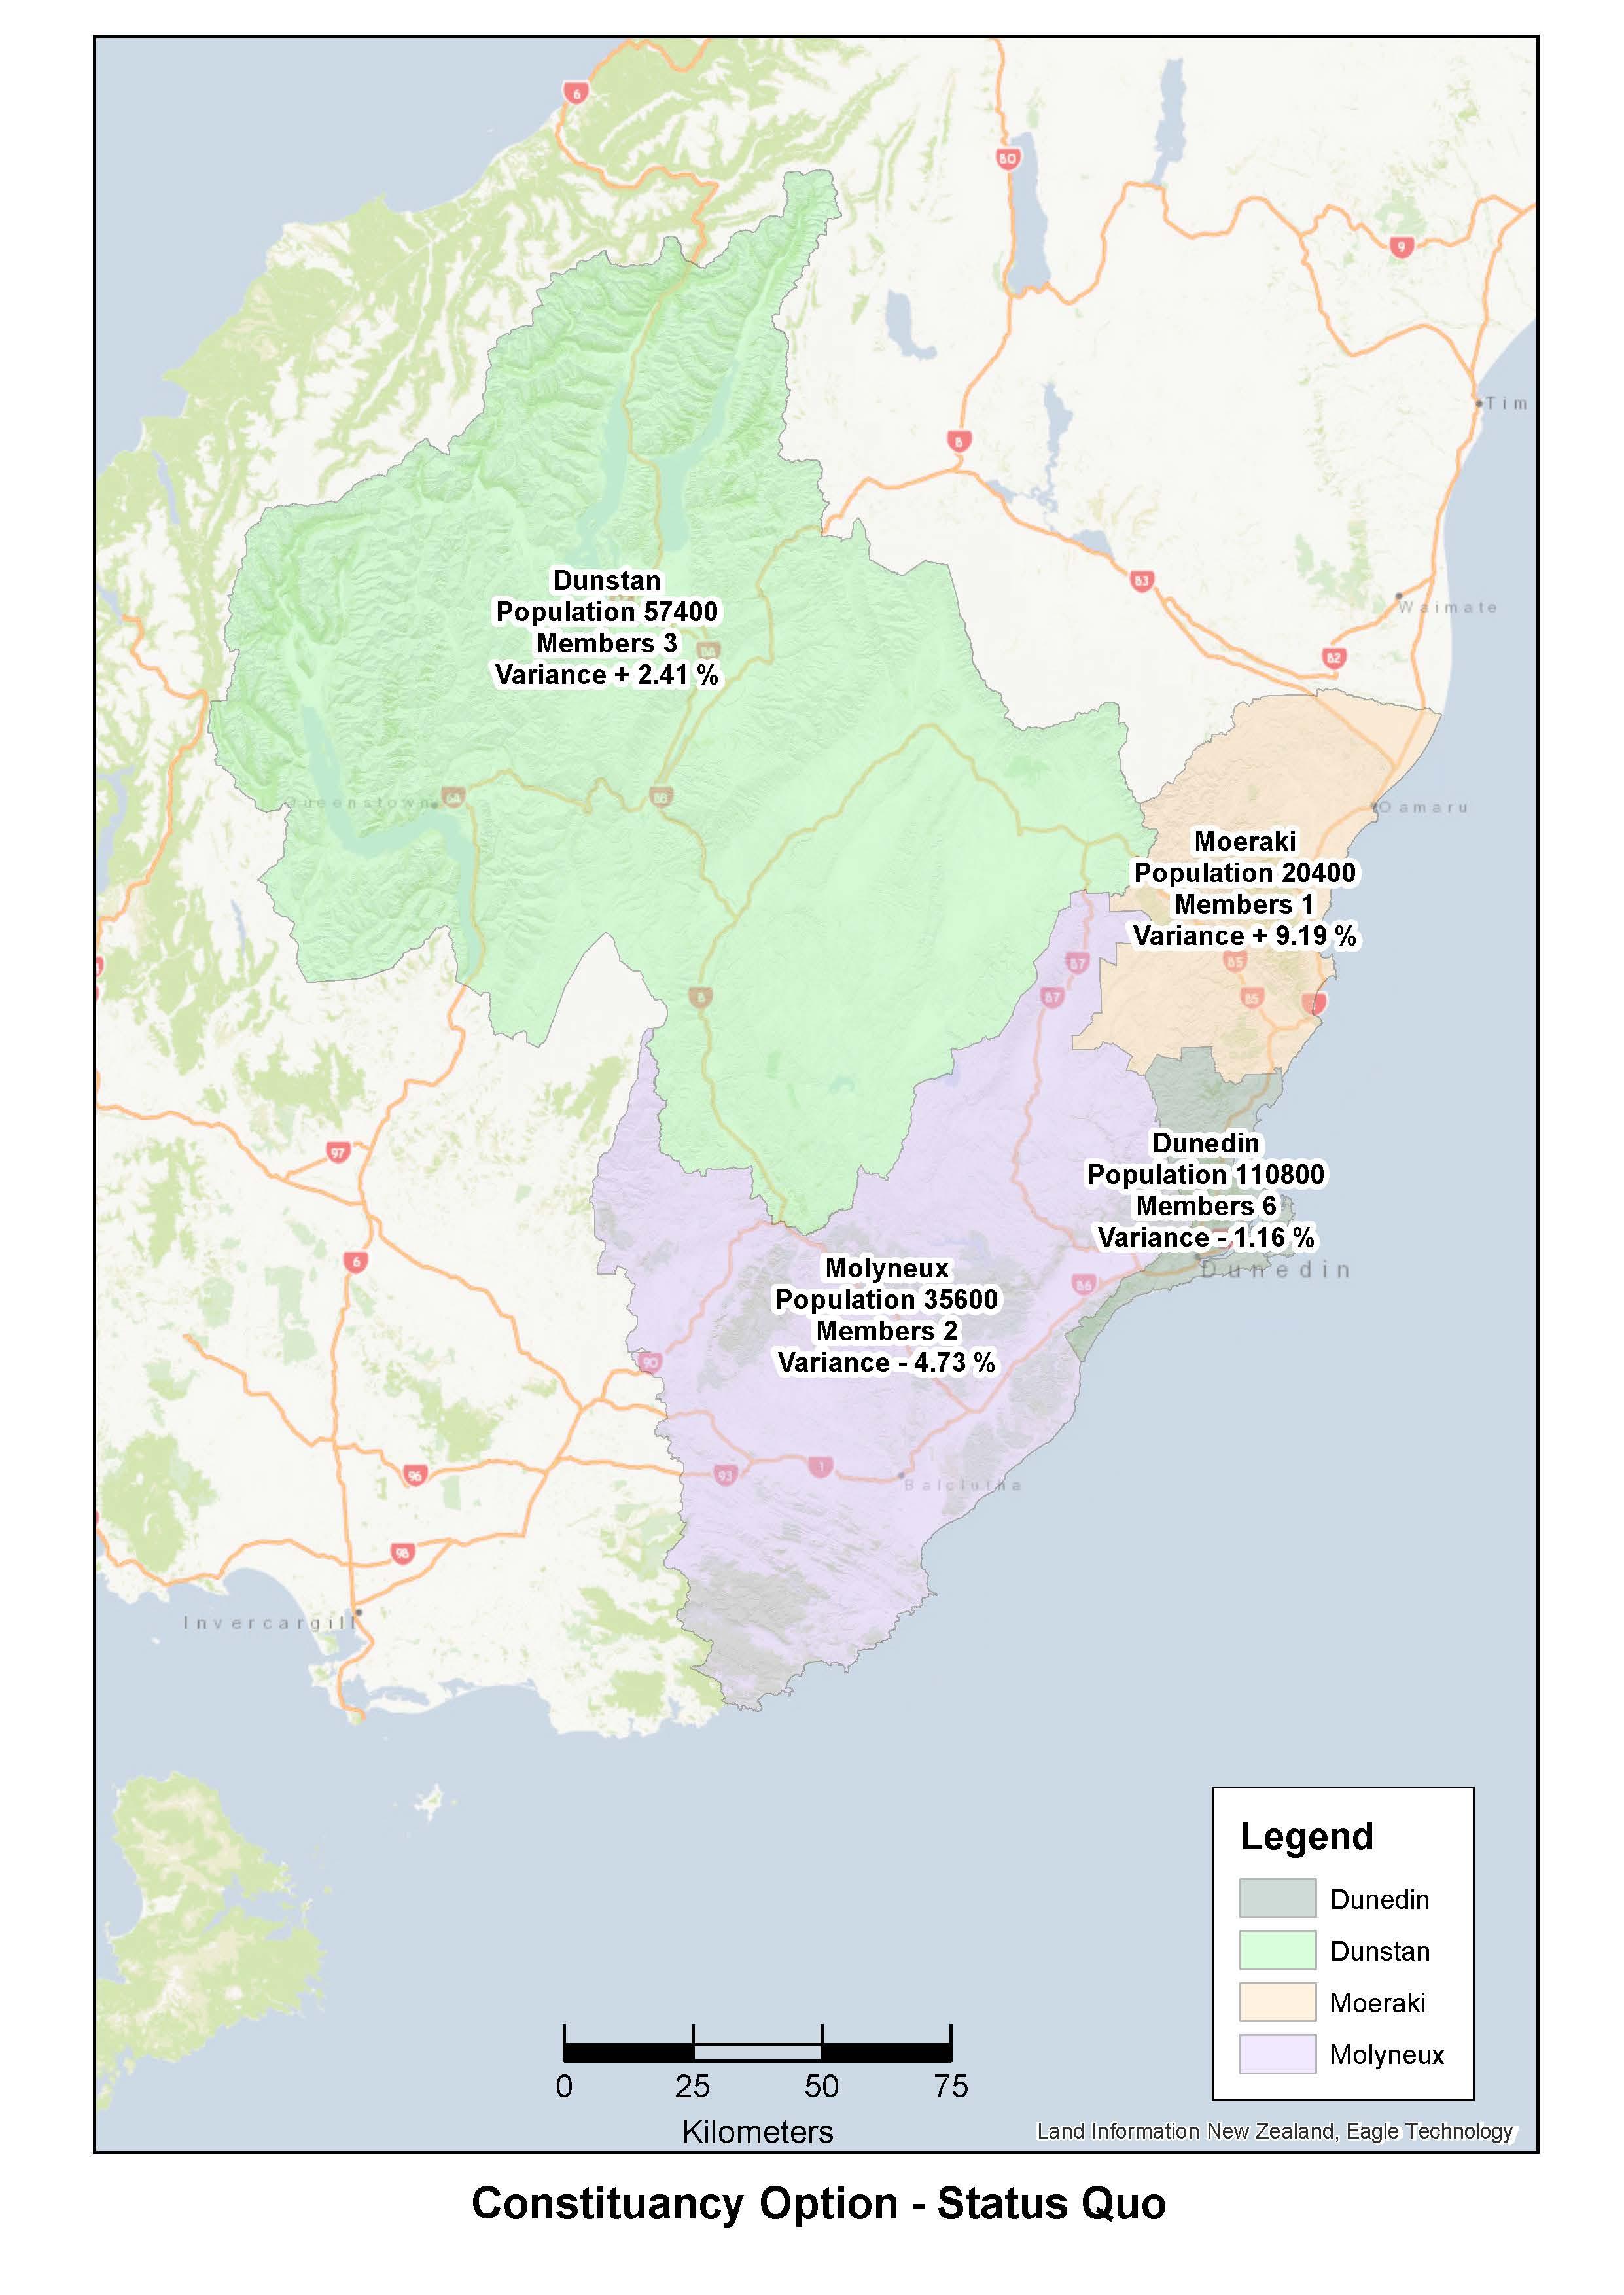 Otago constituencies   map   status quo   staff recommended   aug 18